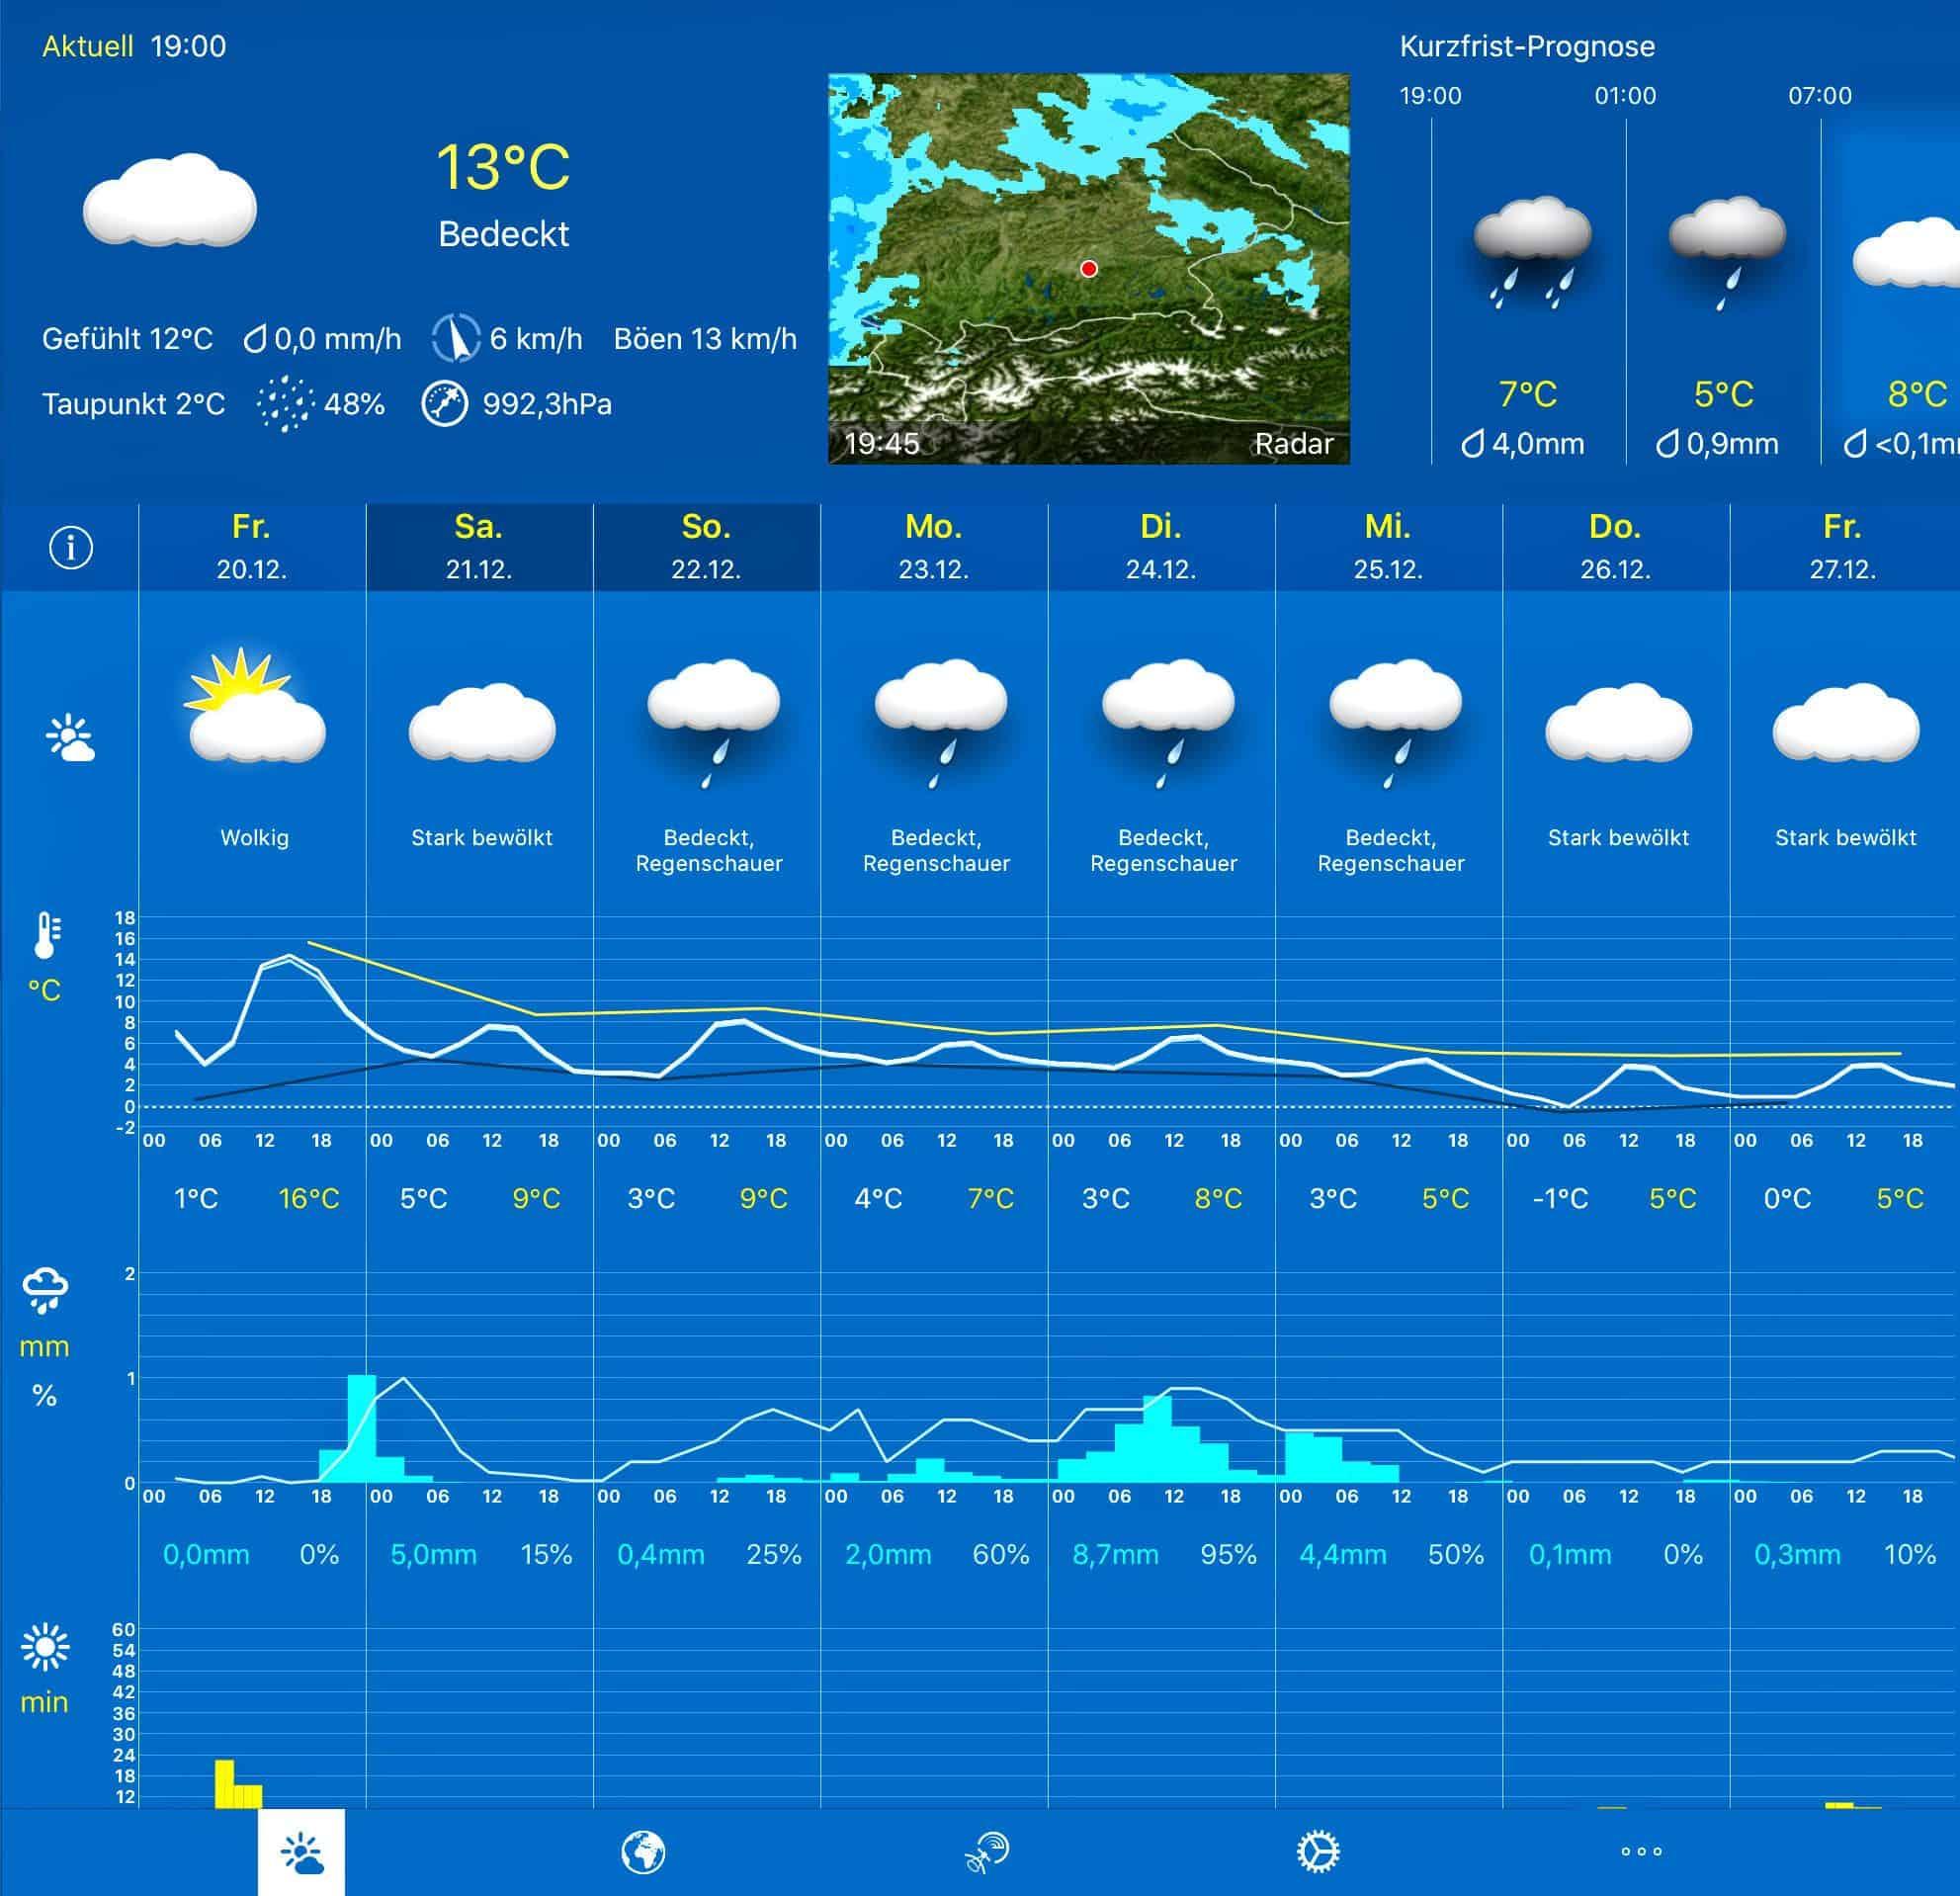 Verlässlichkeit von Wettervorhersagen 2